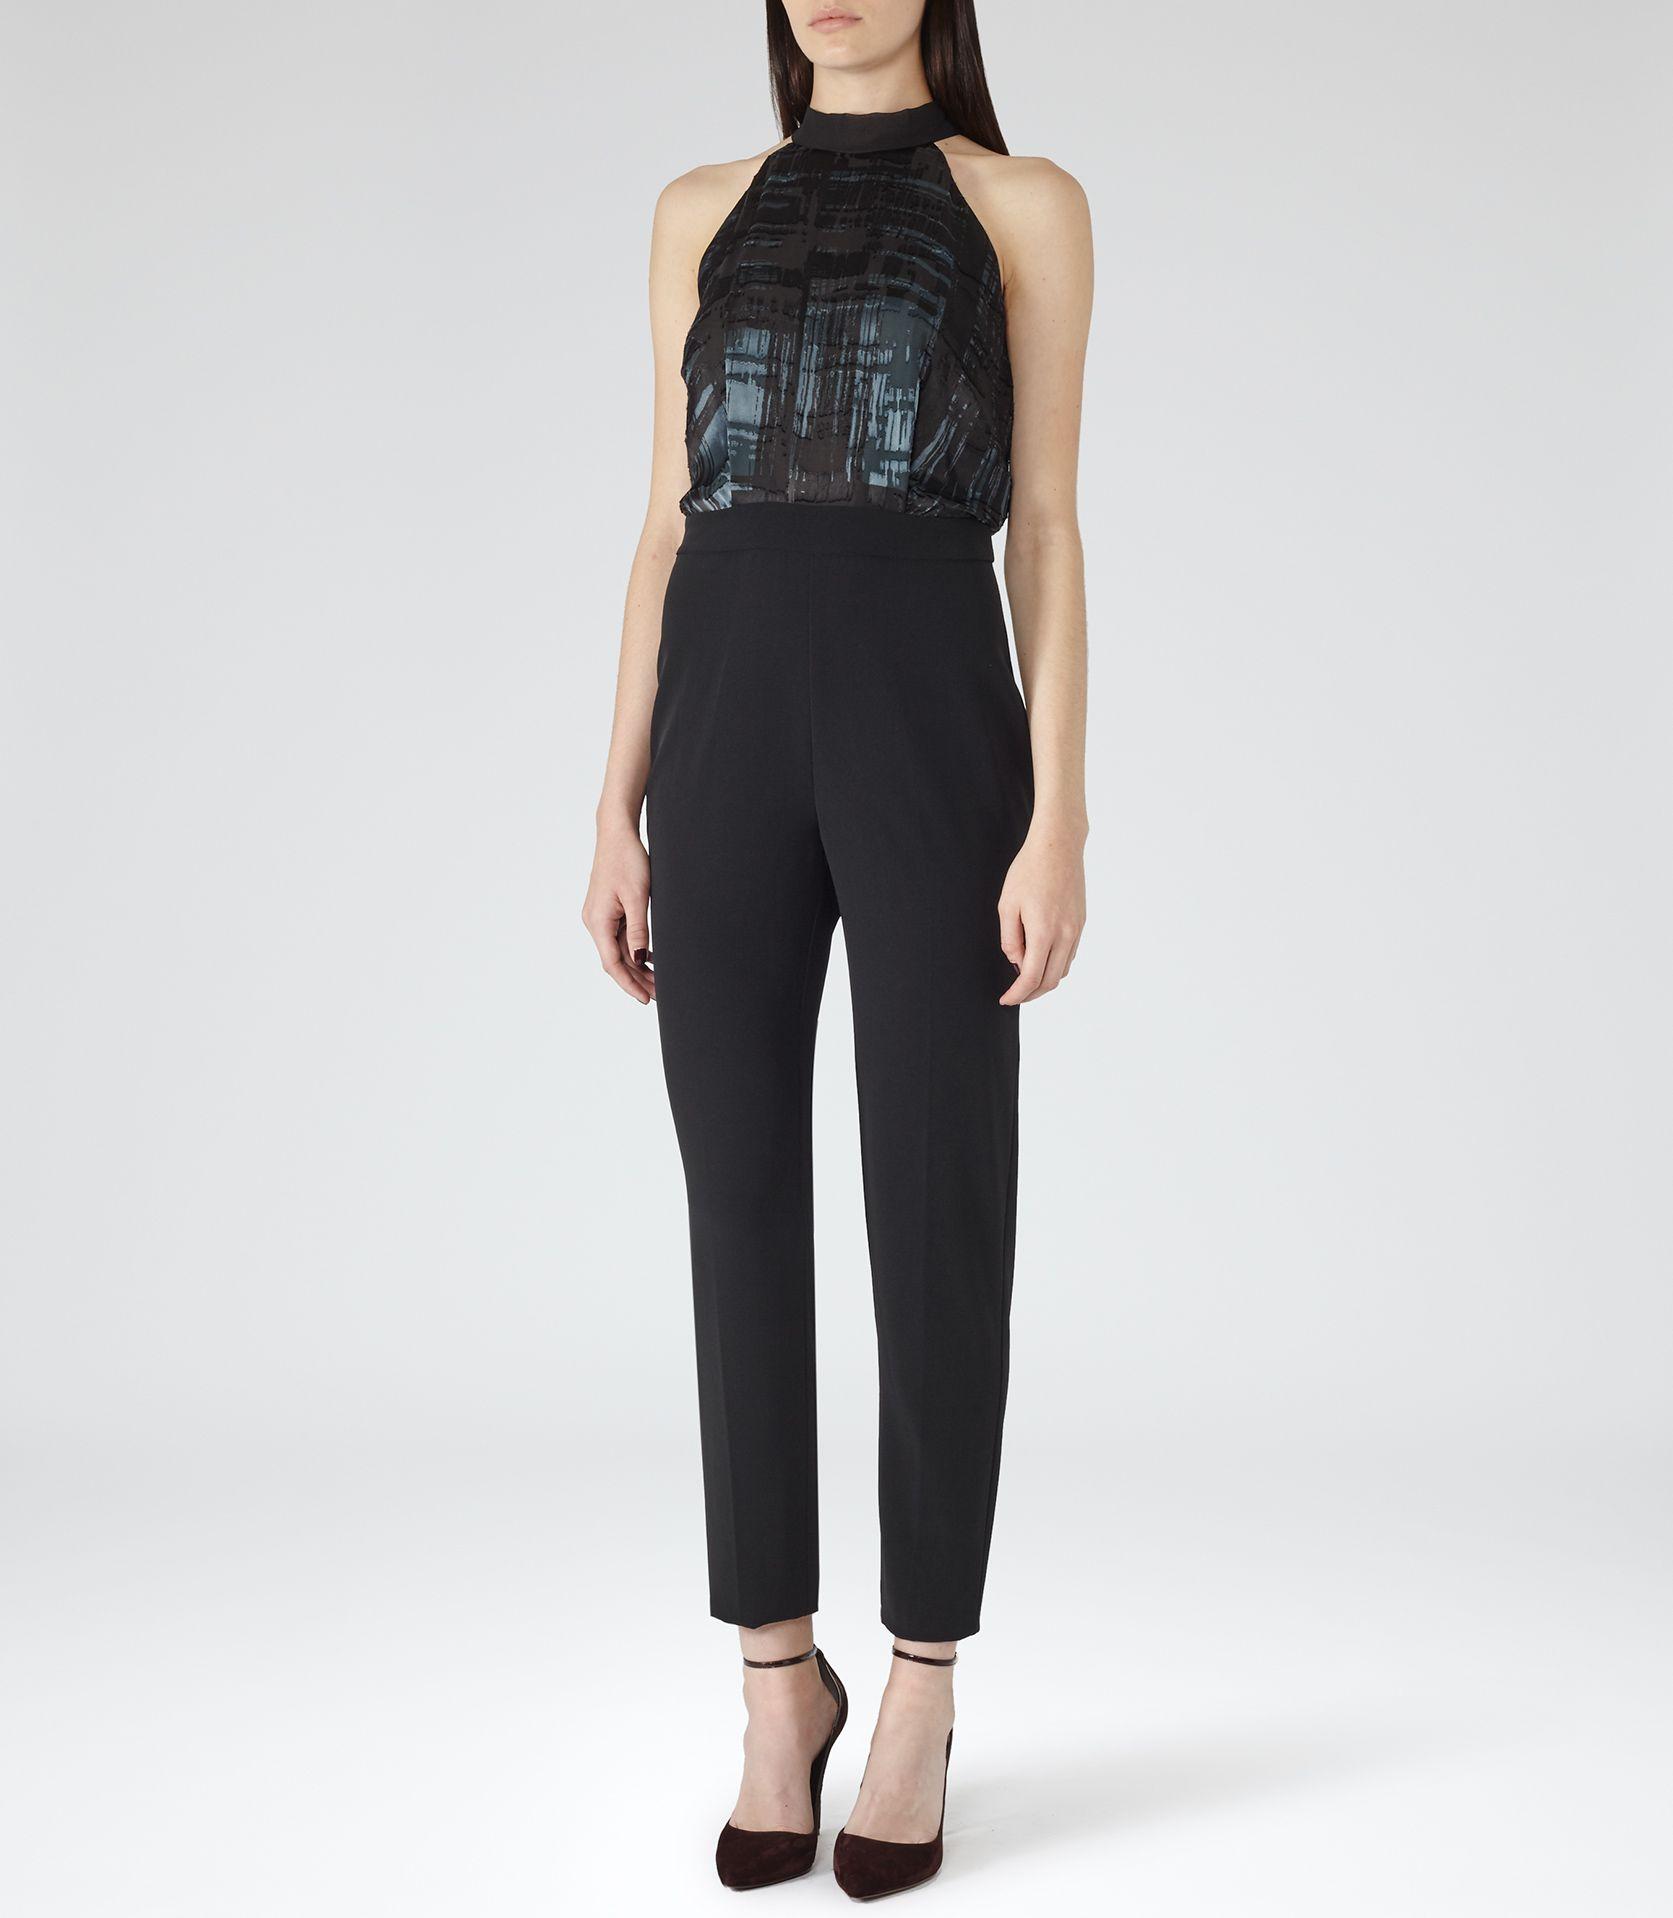 d5b70312c247 Womens Black Tie-neck Jumpsuit - Reiss Gray